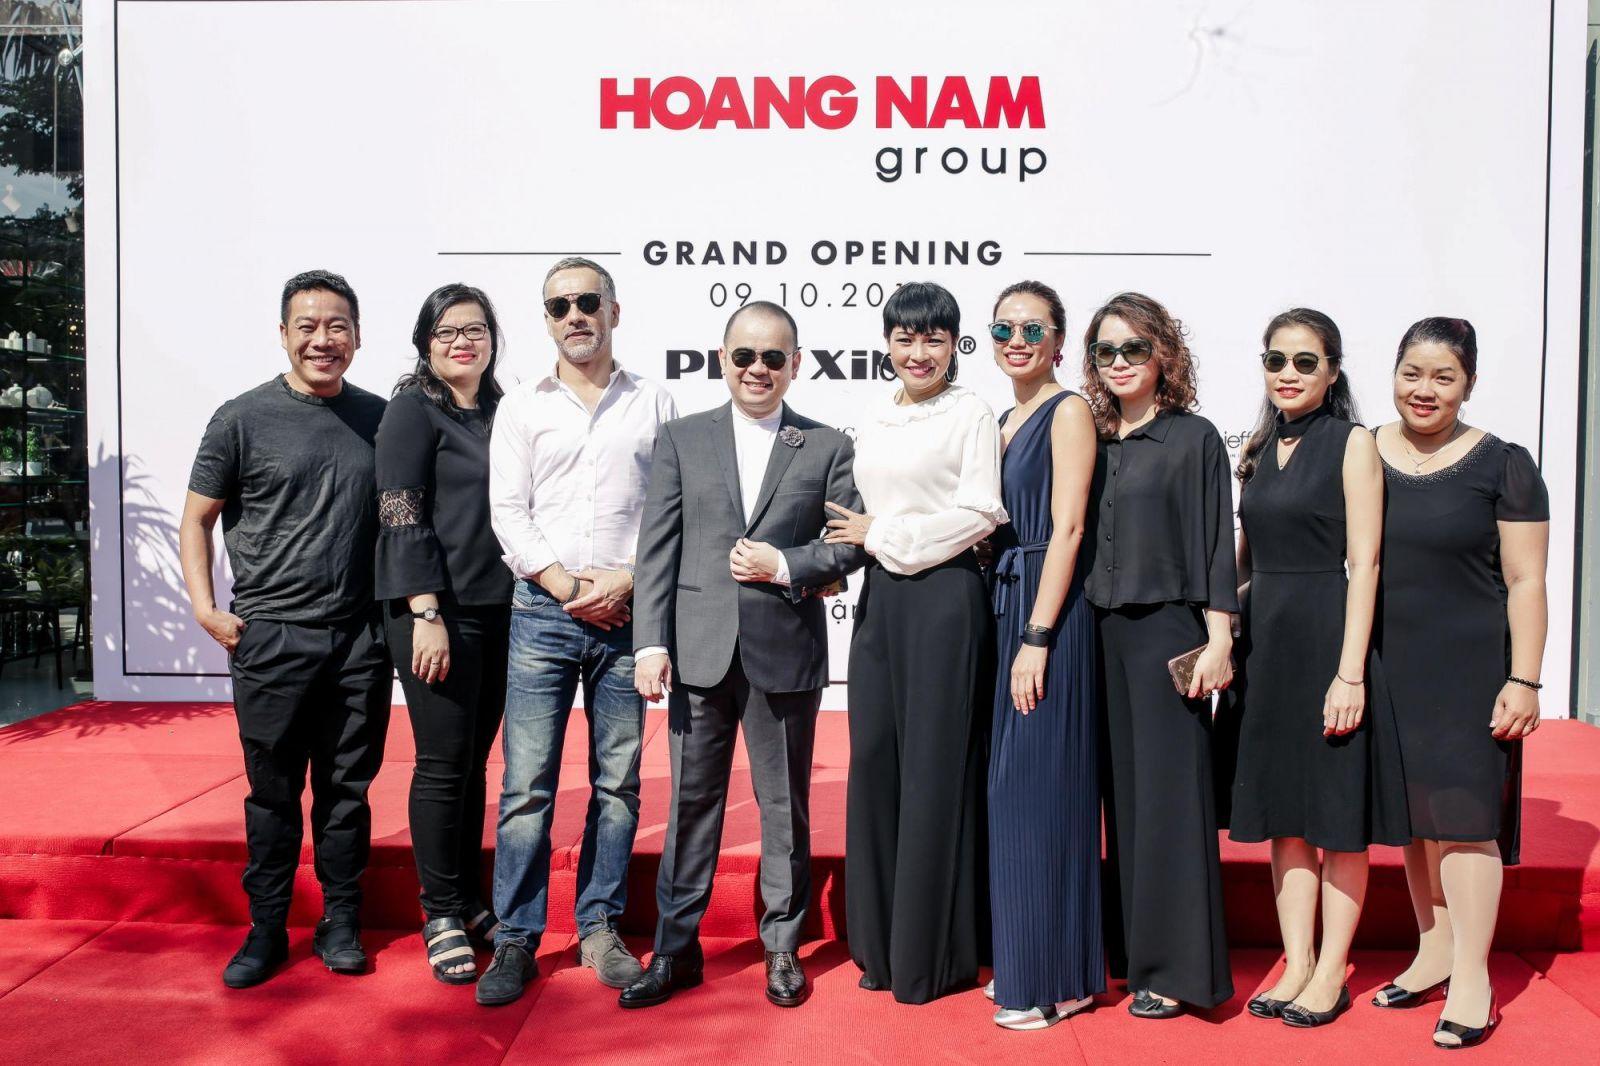 Image result for Đàm Vĩnh Phương, Phương Thanh hội ngộ theo lời mời của doanh nhân Dương Quốc Nam